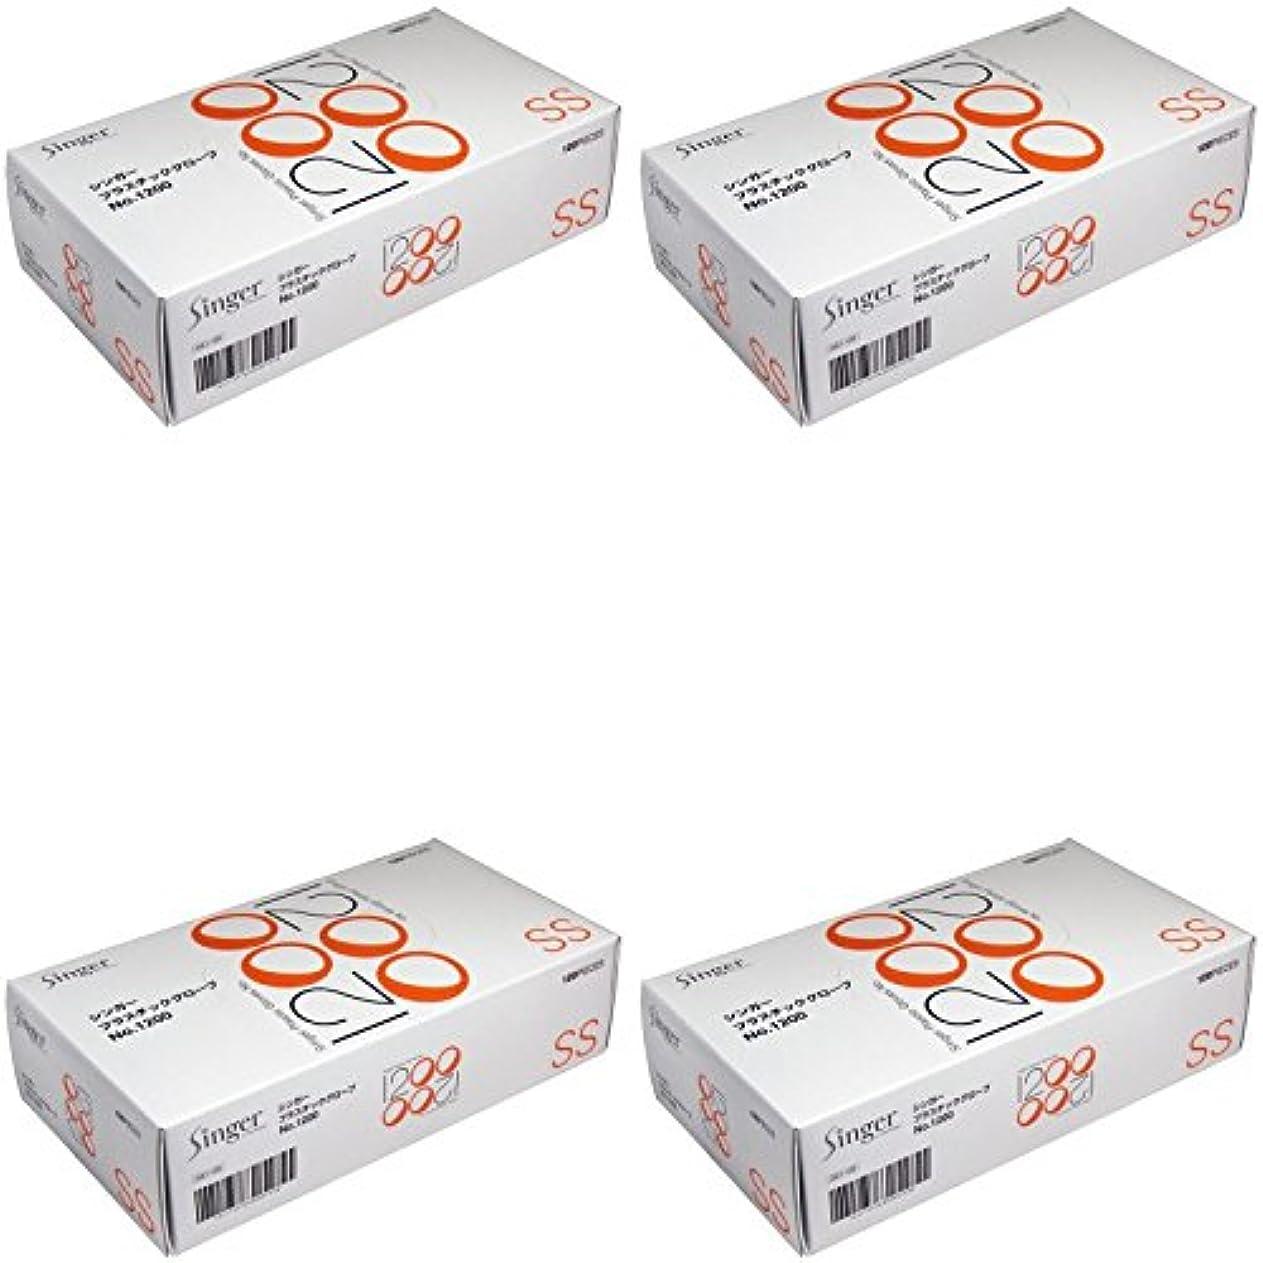 空白カスケード従順【まとめ買い】シンガー プラスチックグローブ №1200 SSサイズ 100枚入【×4個】